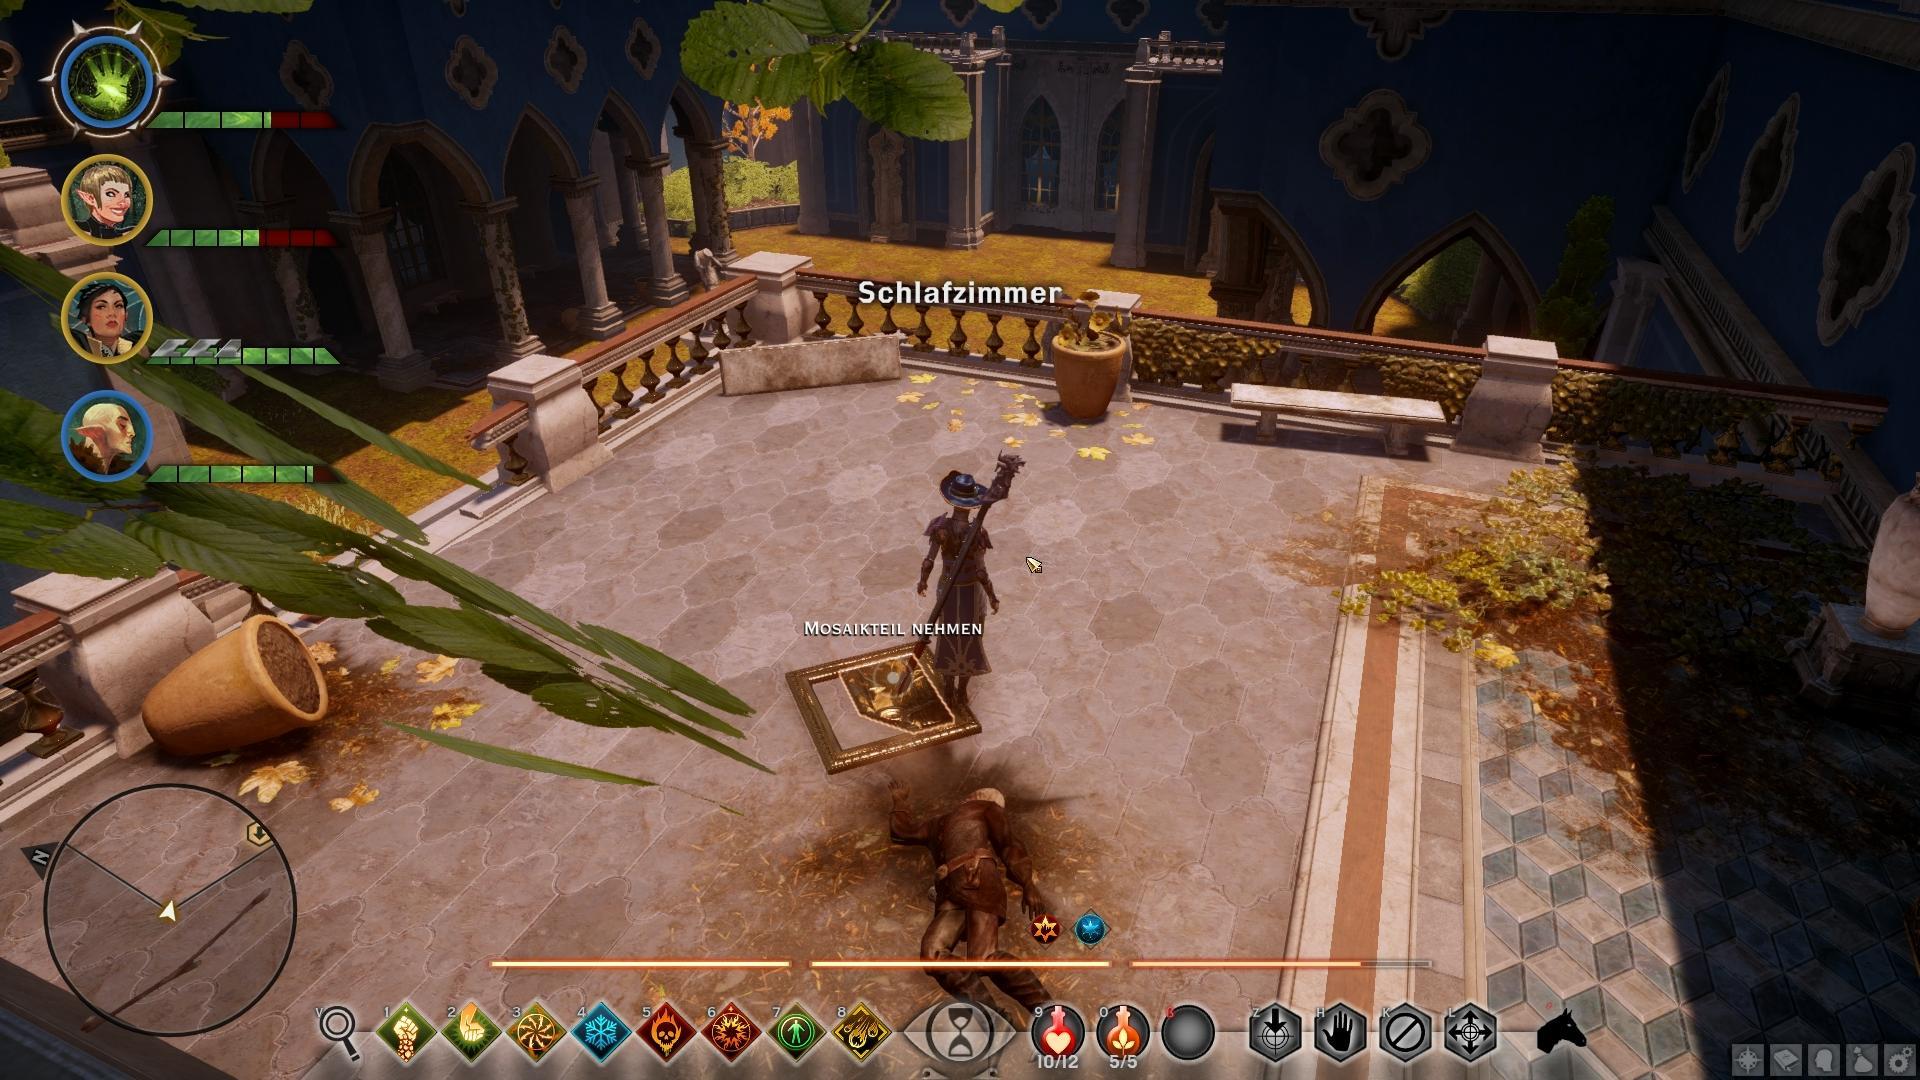 Dragon Age Schlüssel Zum Schlafzimmer – cyberbase.co